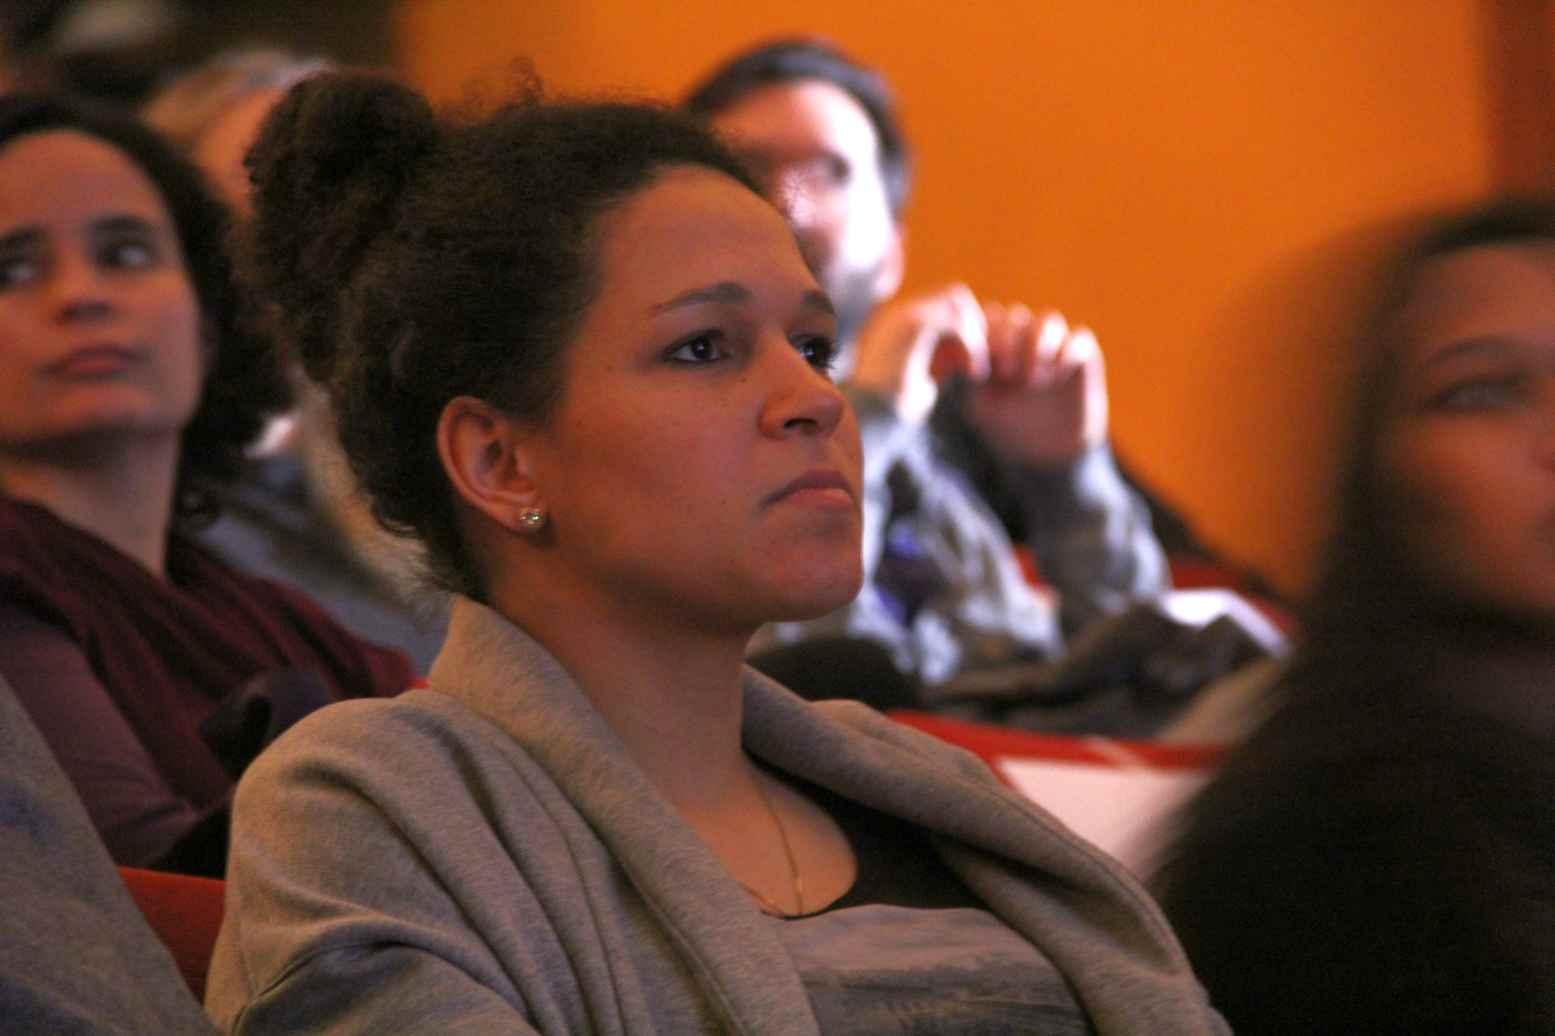 Im Publikum und später auf dem Podium: Ex-Profi Celia Sasic. Foto: Andrei Schnell